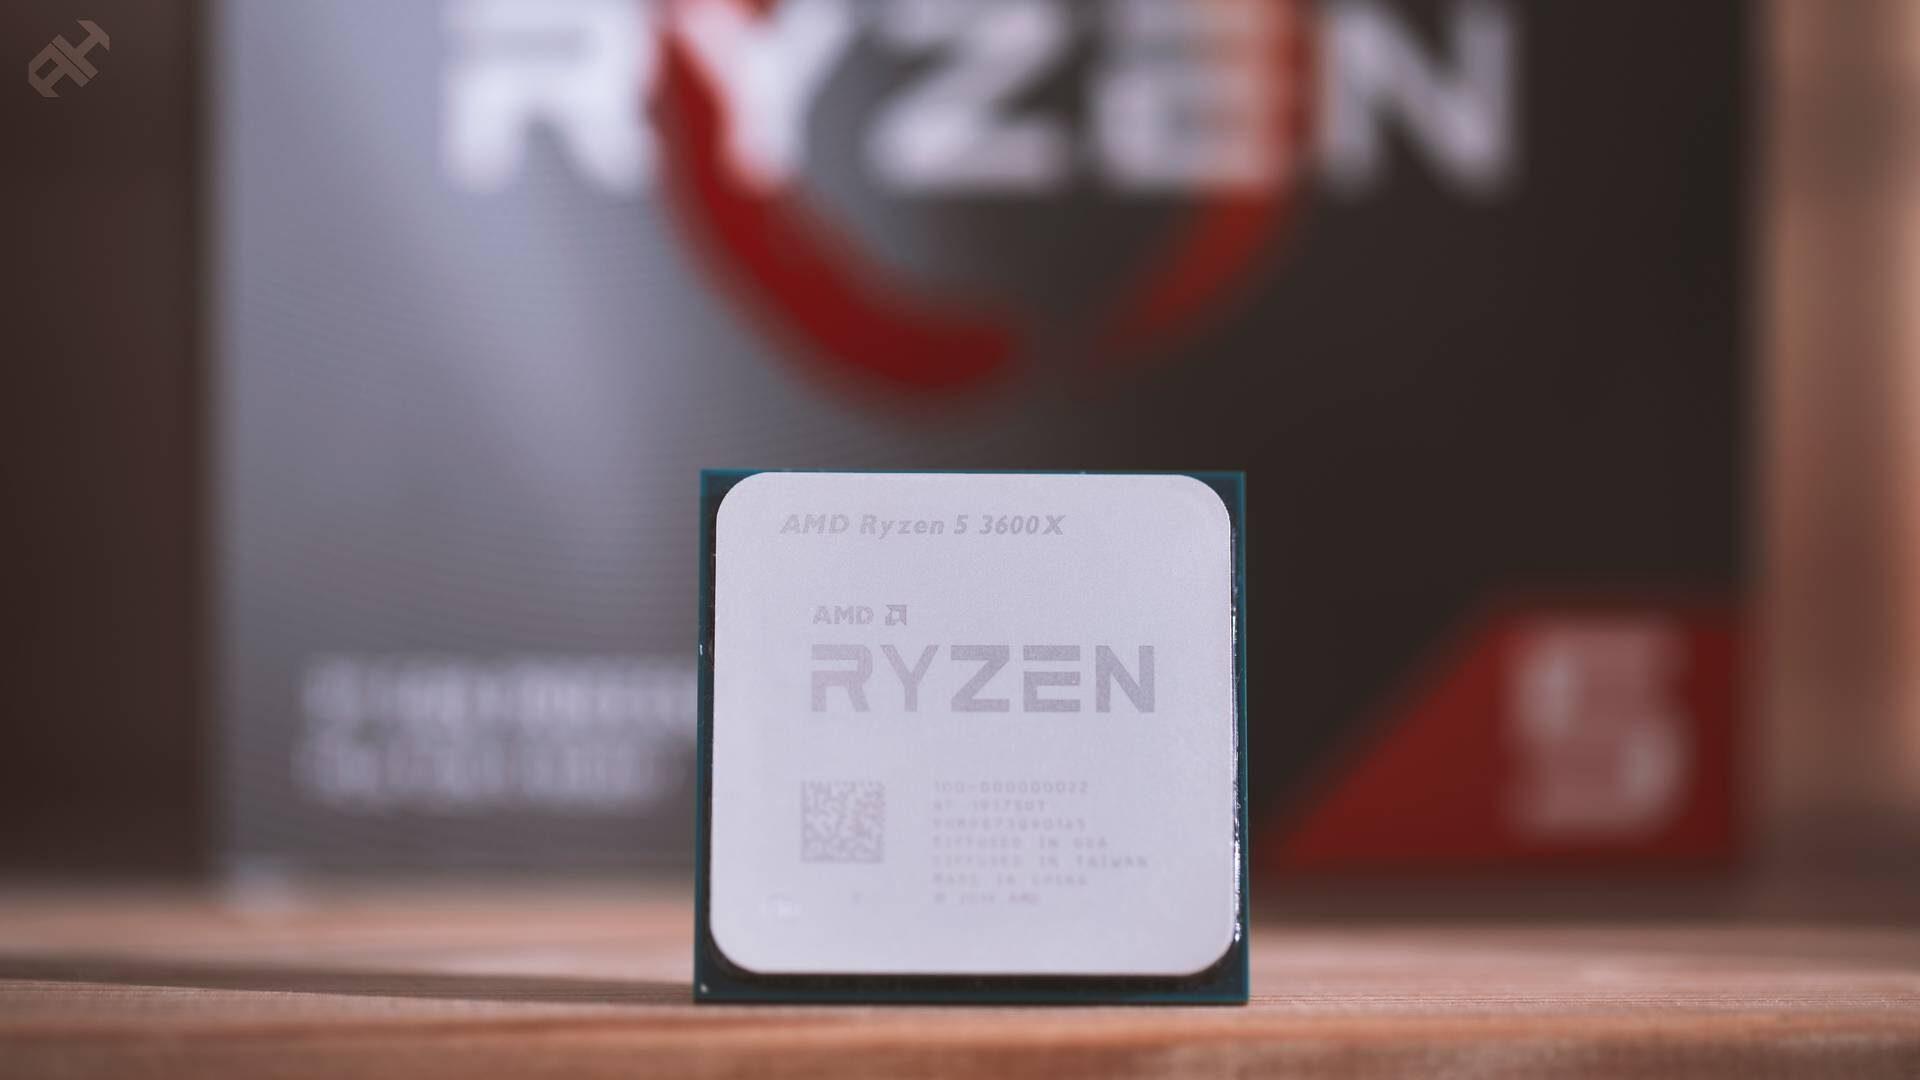 هاردوير الكمبيوتر معالج Ryzen 5 3600X